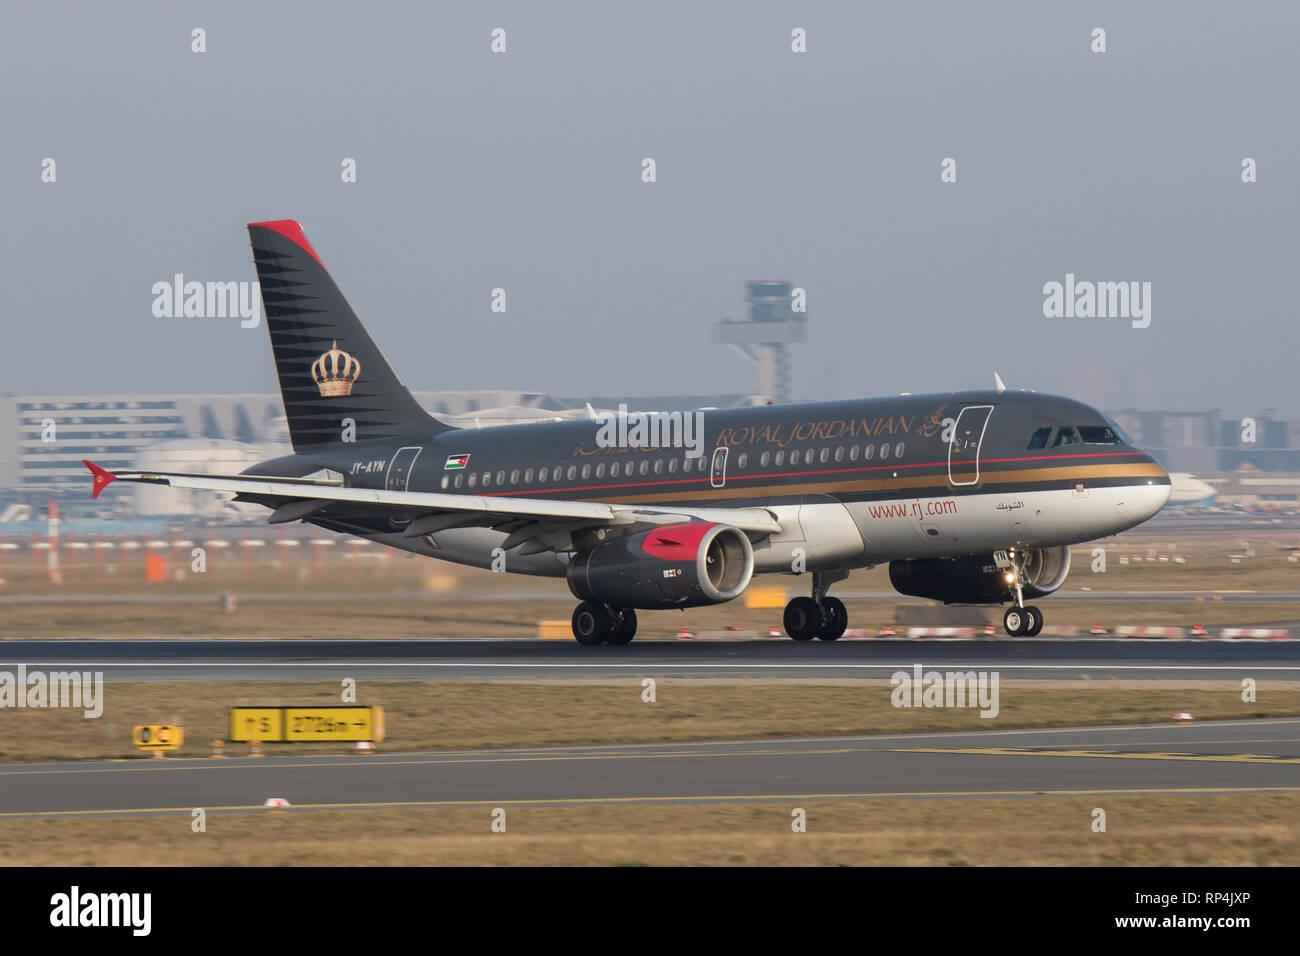 JY-AYN Airbus A319 of Royal Jordanian departing Frankfurt Airport 07/02/2018 - Stock Image